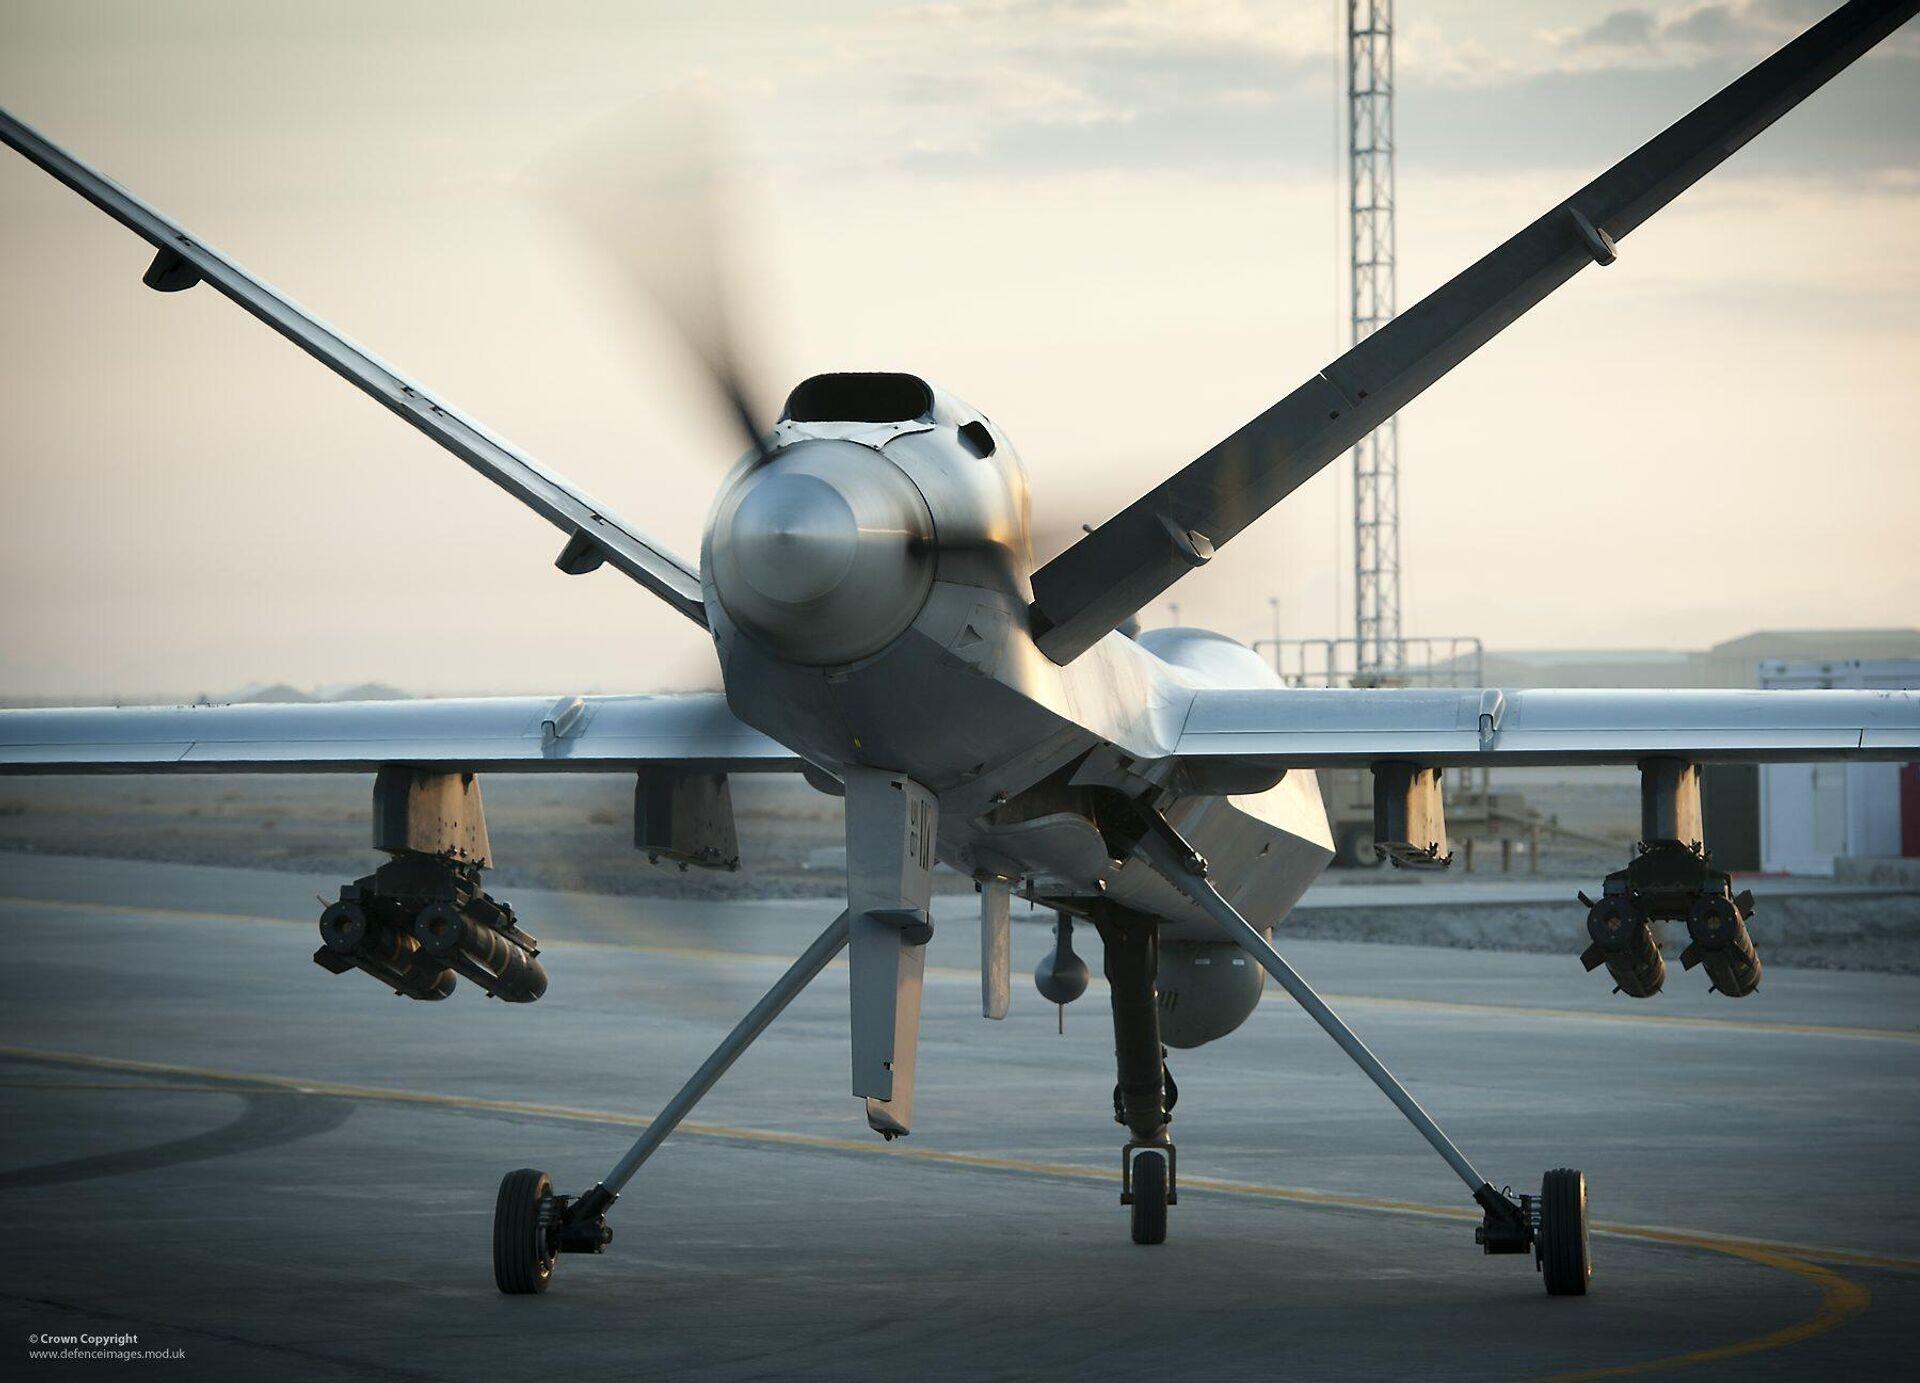 Разведывательно-ударный БПЛА MQ-9 Reaper британских ВВС - РИА Новости, 1920, 19.03.2021